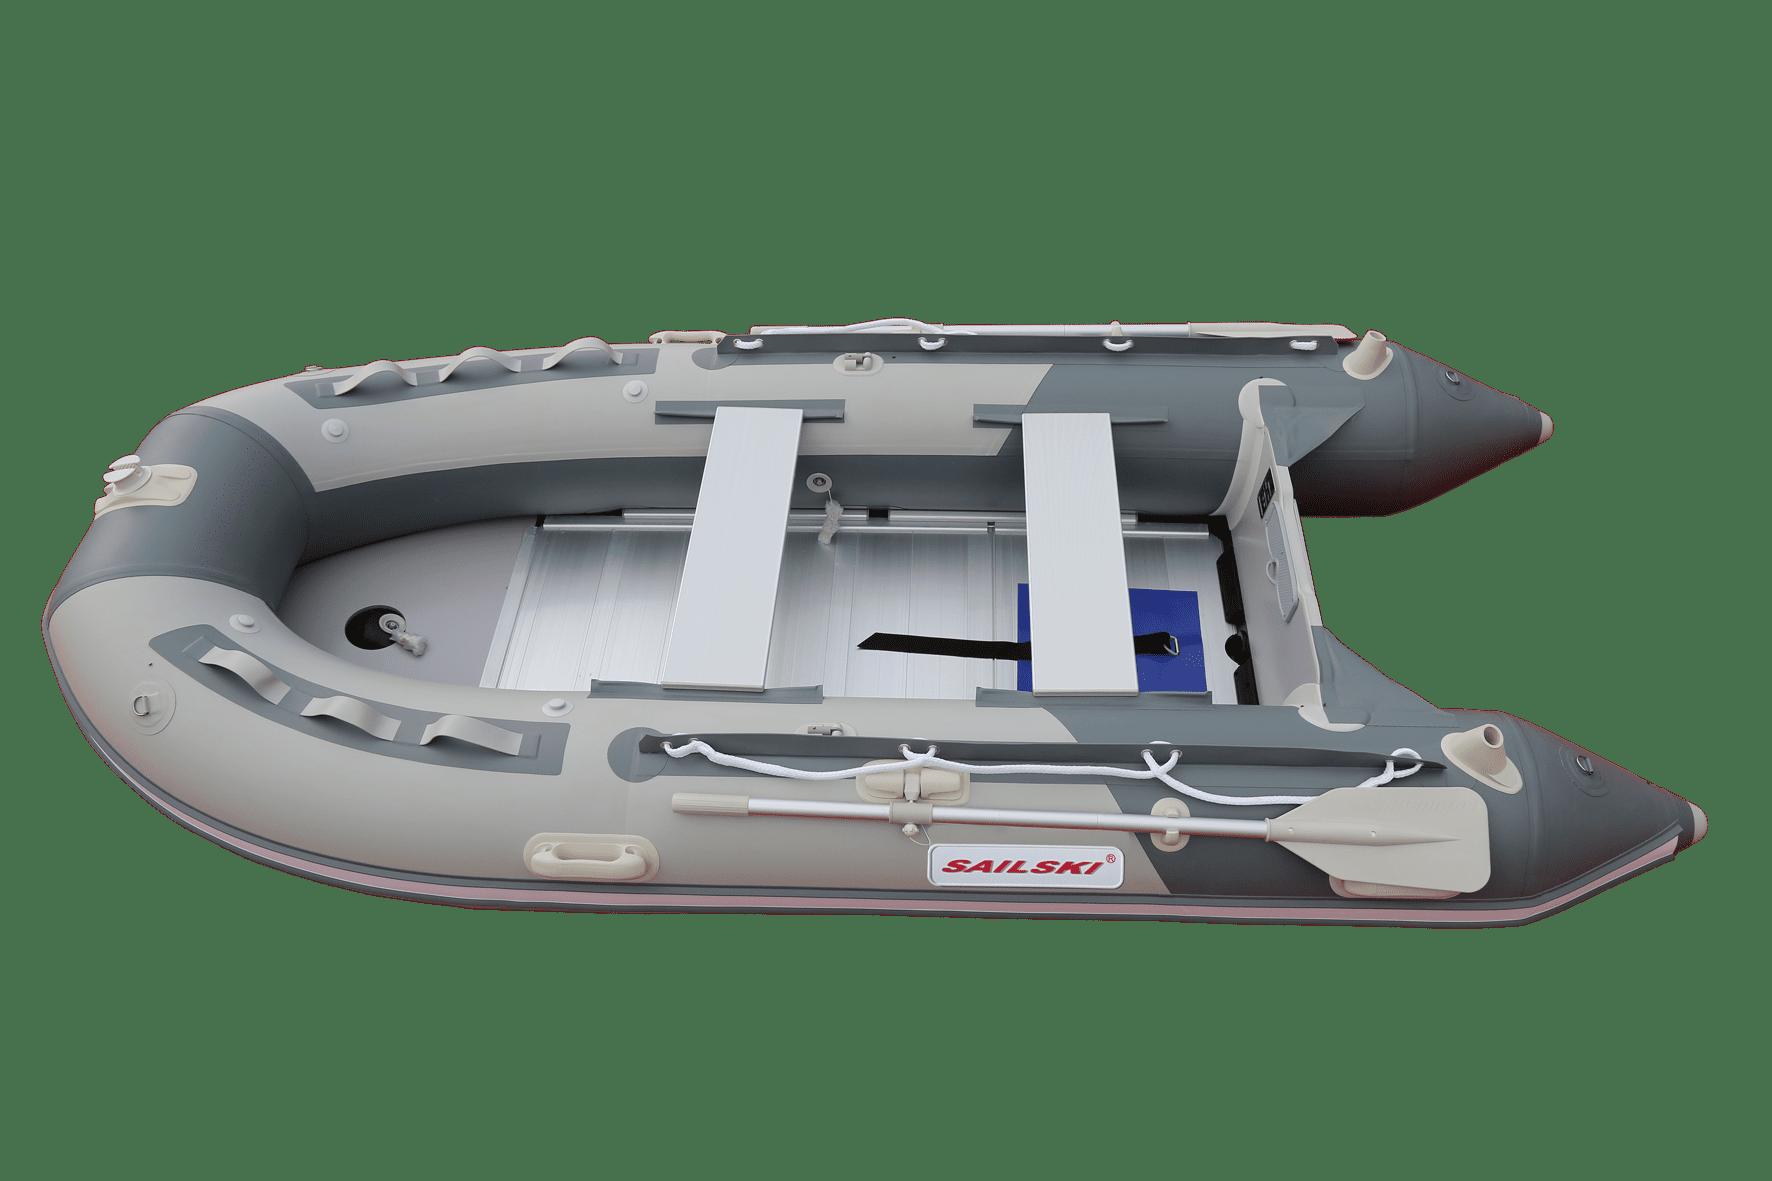 Sailski A330 (330cm) 1,2 Mm Pvc-UPPSELDUR!!